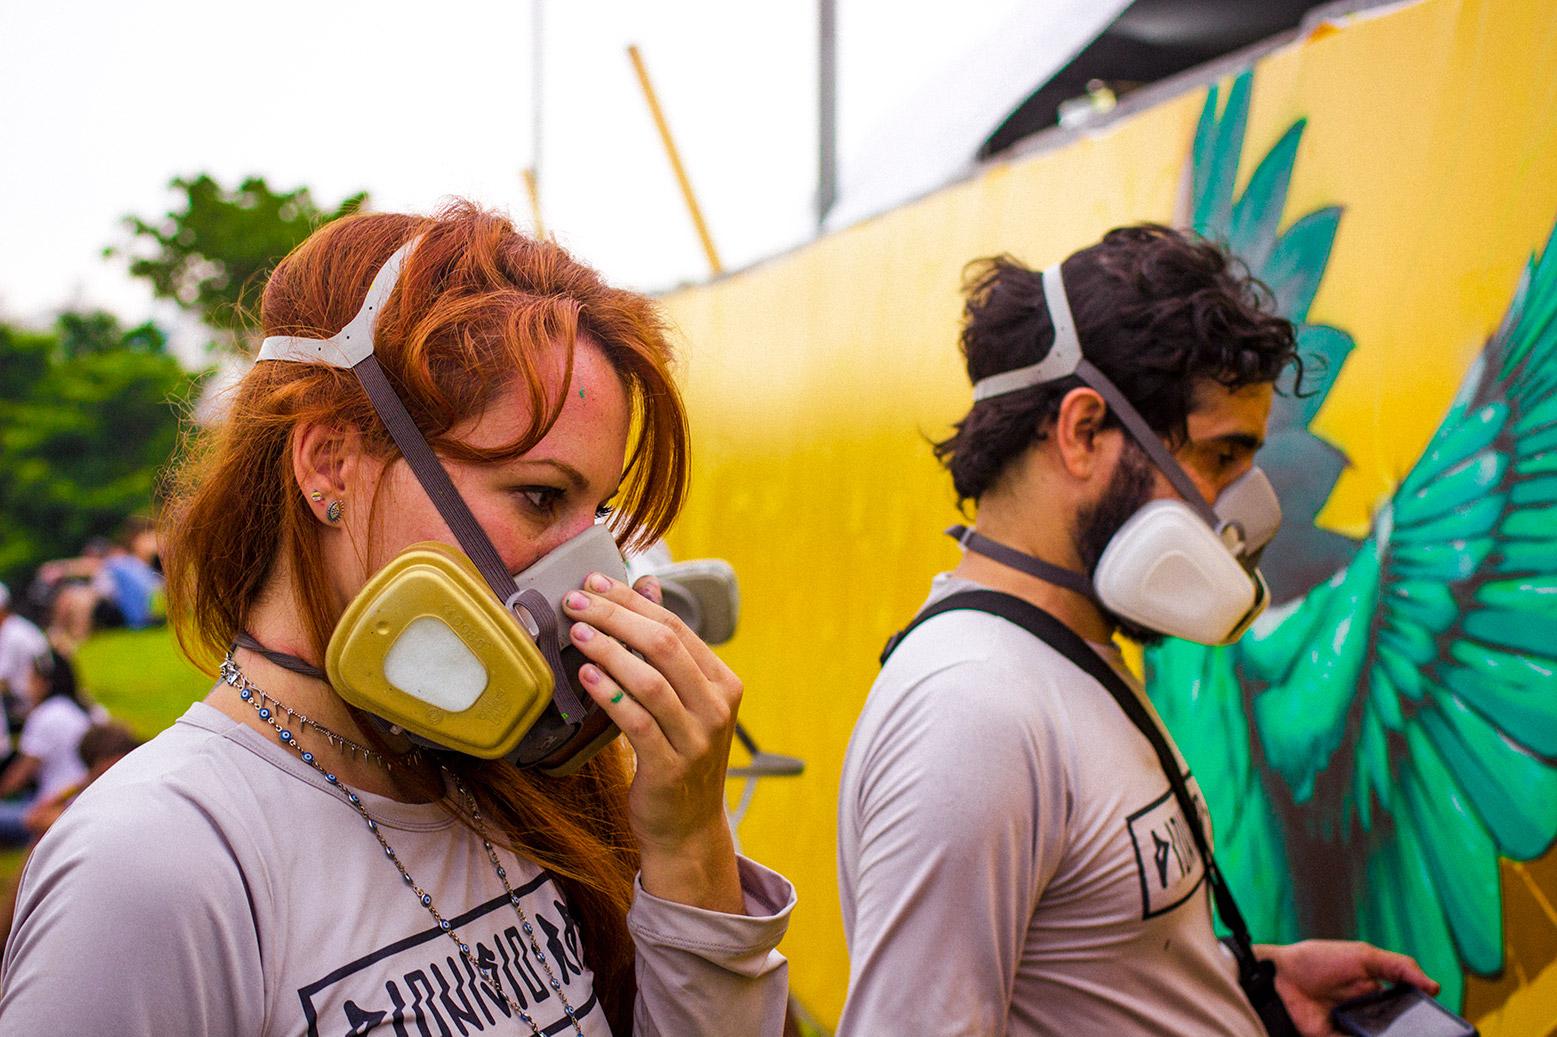 dionisio.ag mural lollapalooza 2018 ronah carraro pardal agatha de faveri dia 1 (5)